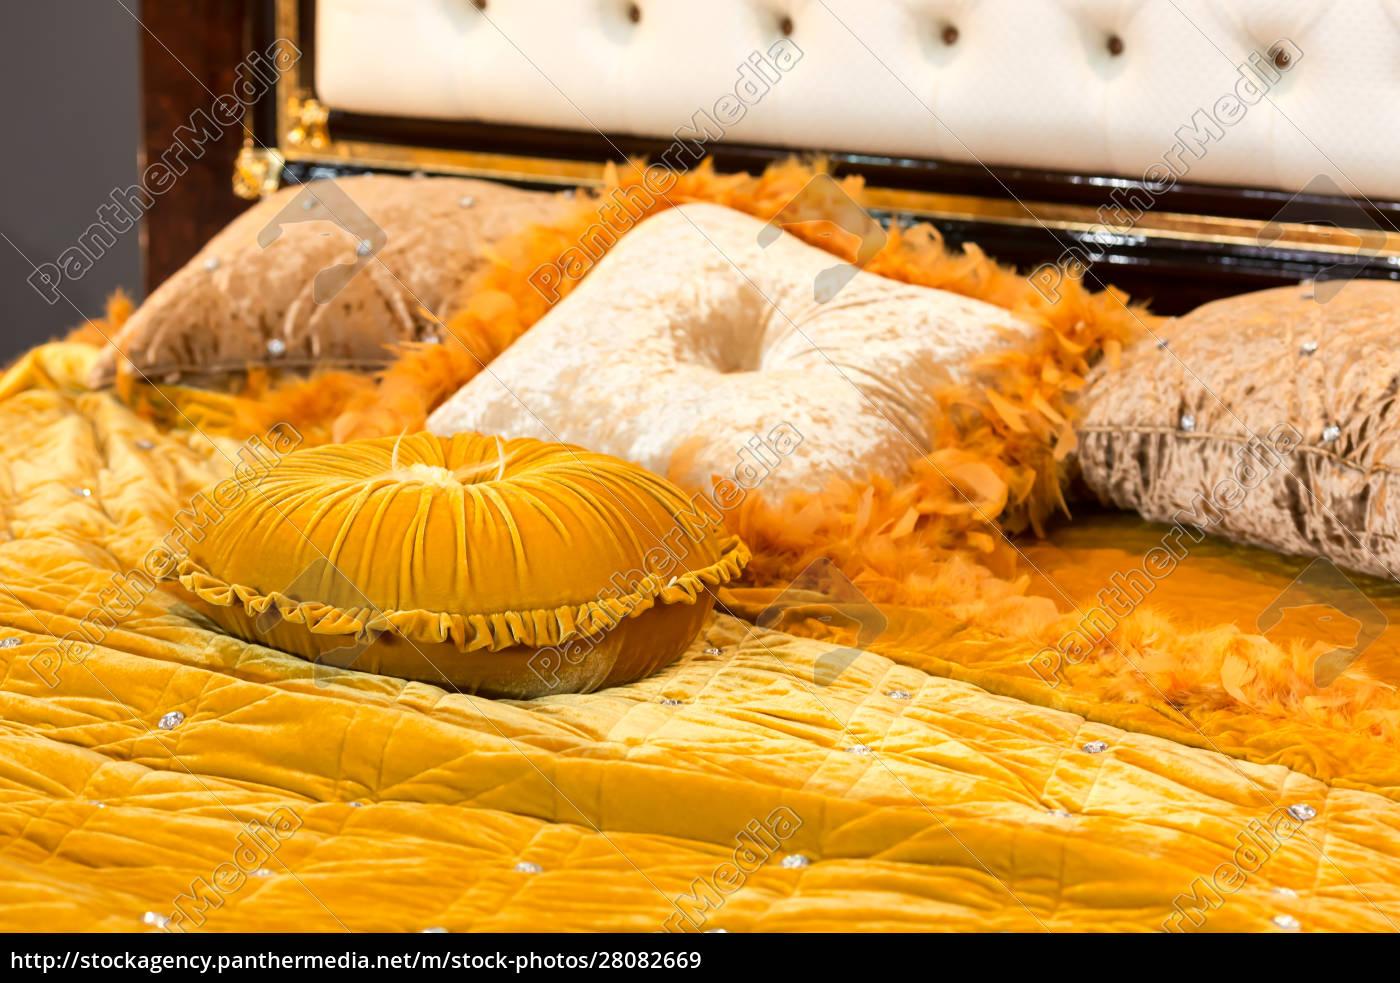 luxury, bed - 28082669